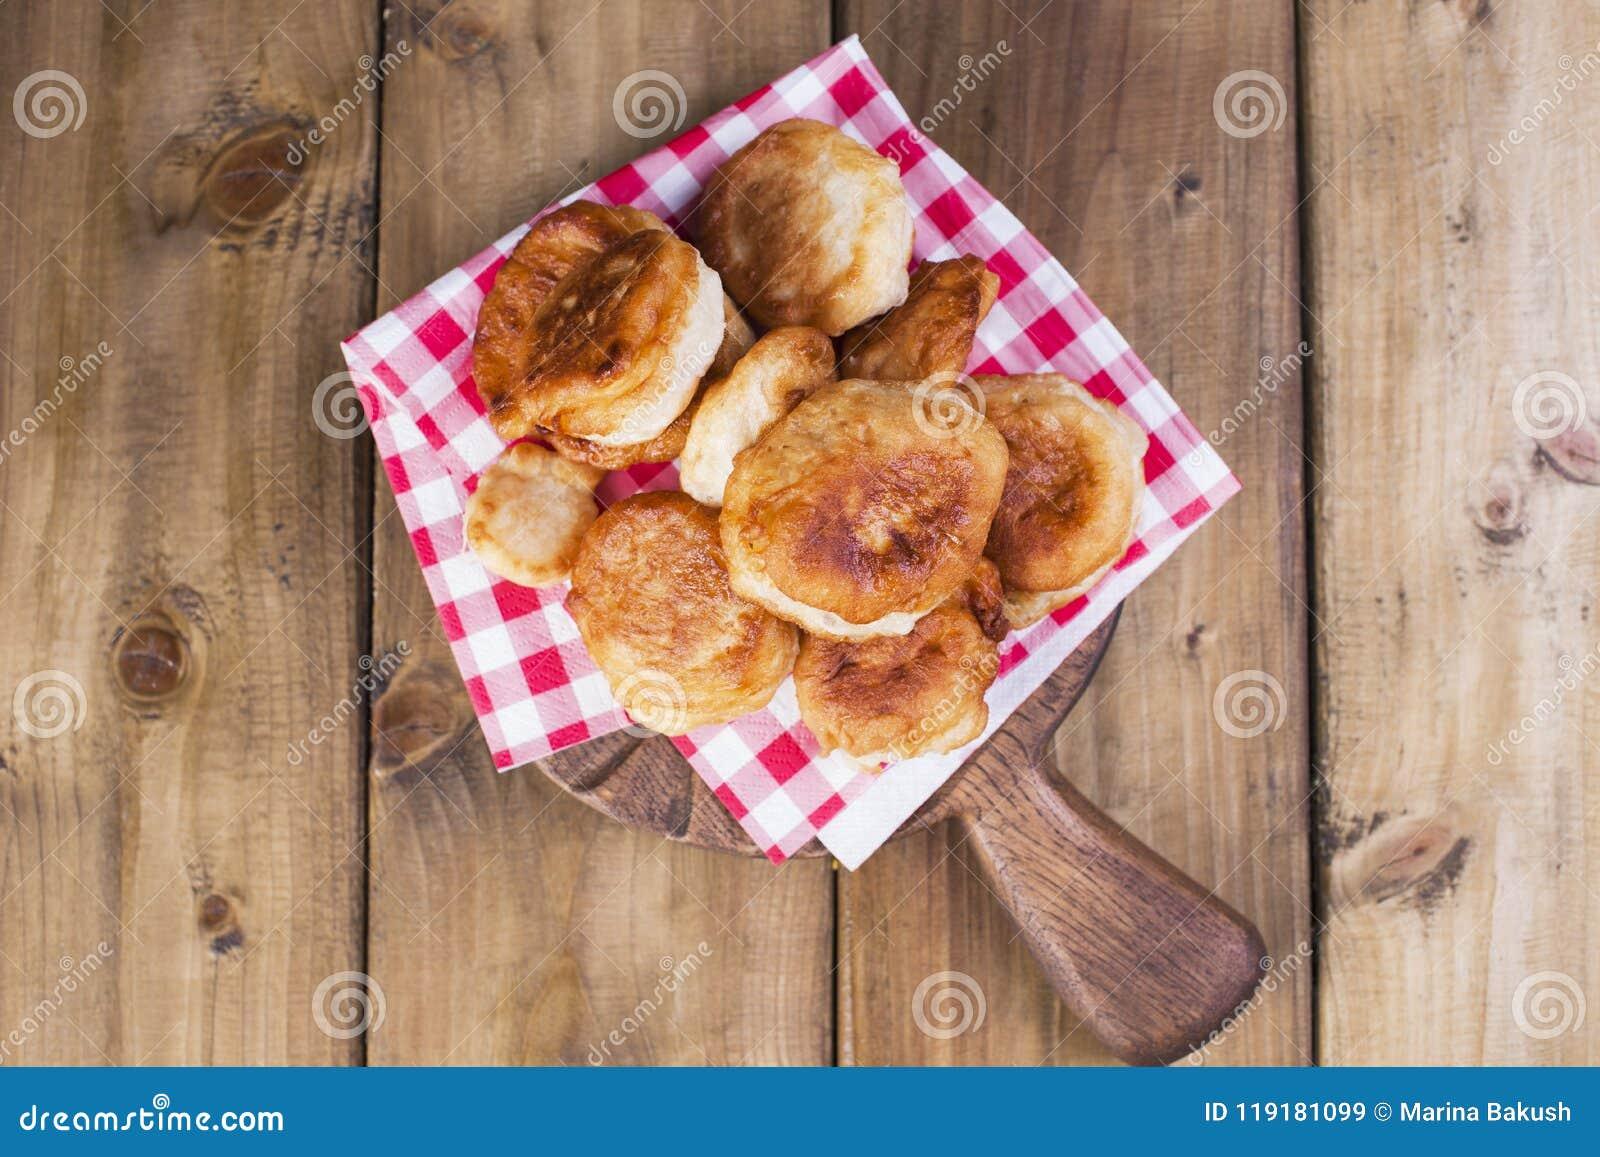 Se fríen los anillos de espuma dulces Comida hecha en casa Servilleta en jaula roja Fondo de madera Copie el espacio Endecha plan